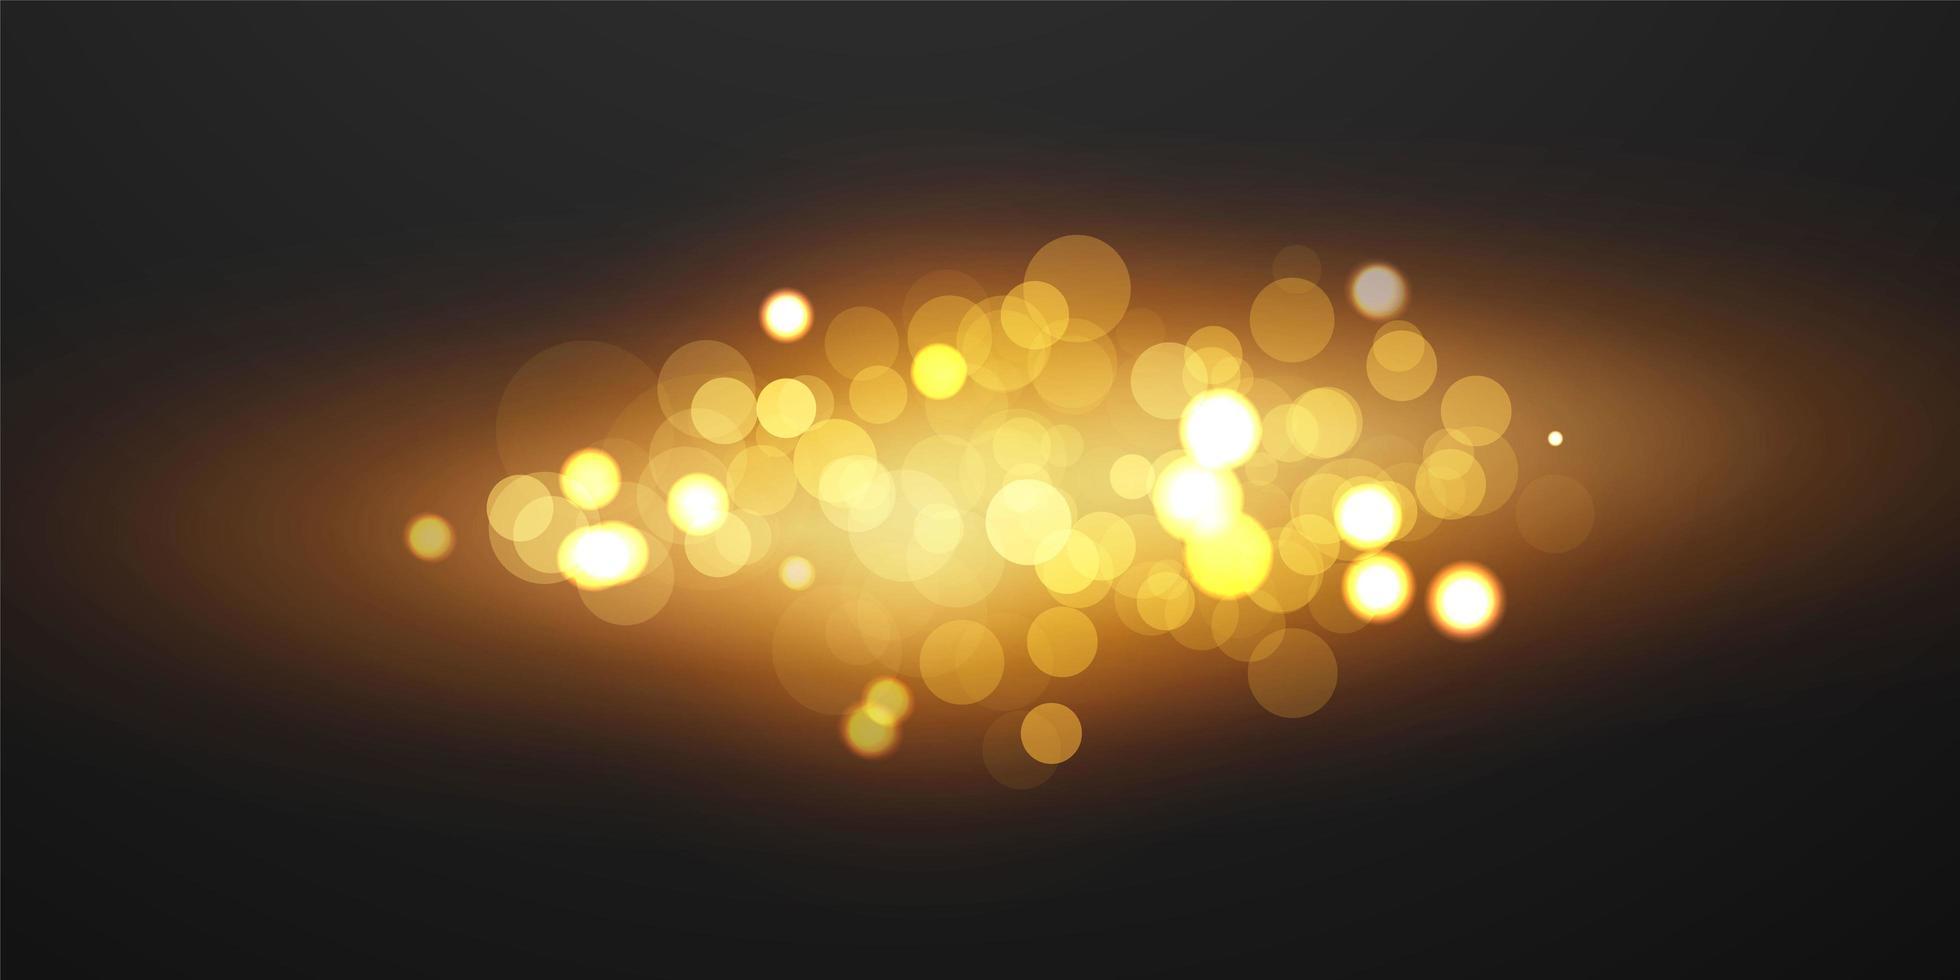 abstrakt oskärpa ljuselement som kan användas för dekorativ bokeh bakgrund. vektor